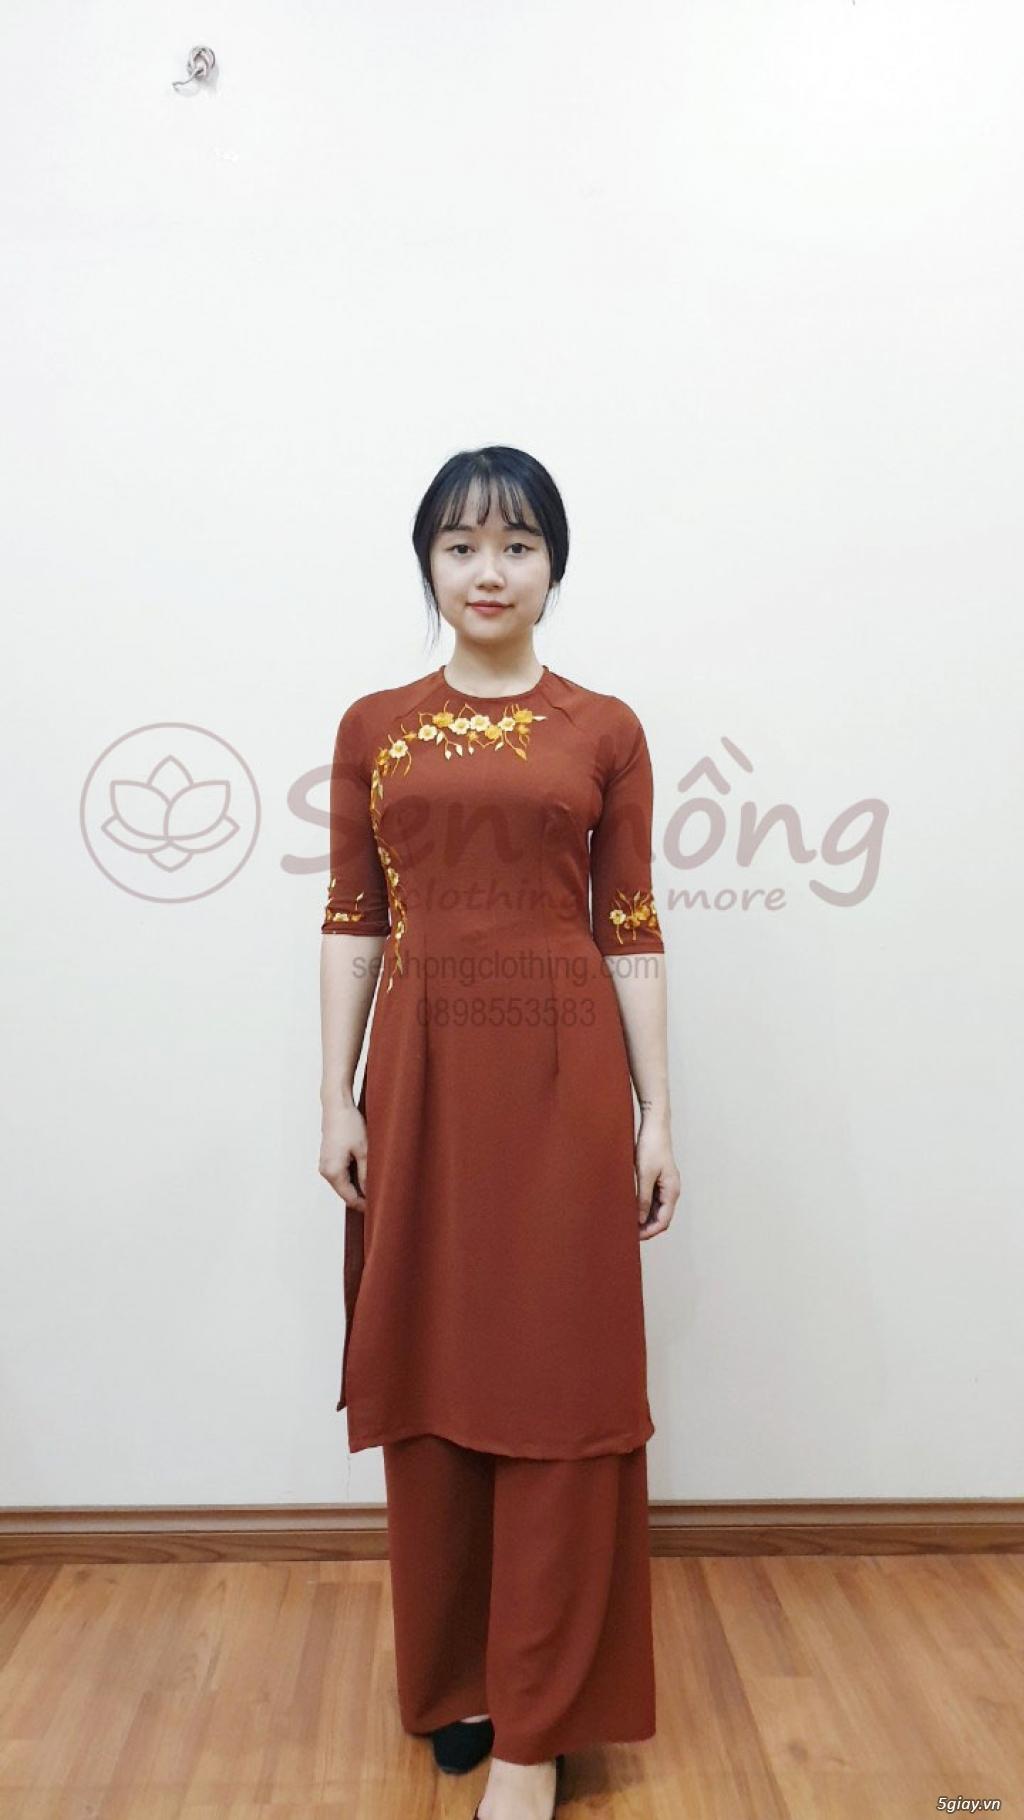 Áo dài cách tân Phật tử đi lễ - Pháp phục cao cấp hcm ANCLOTHING - 11